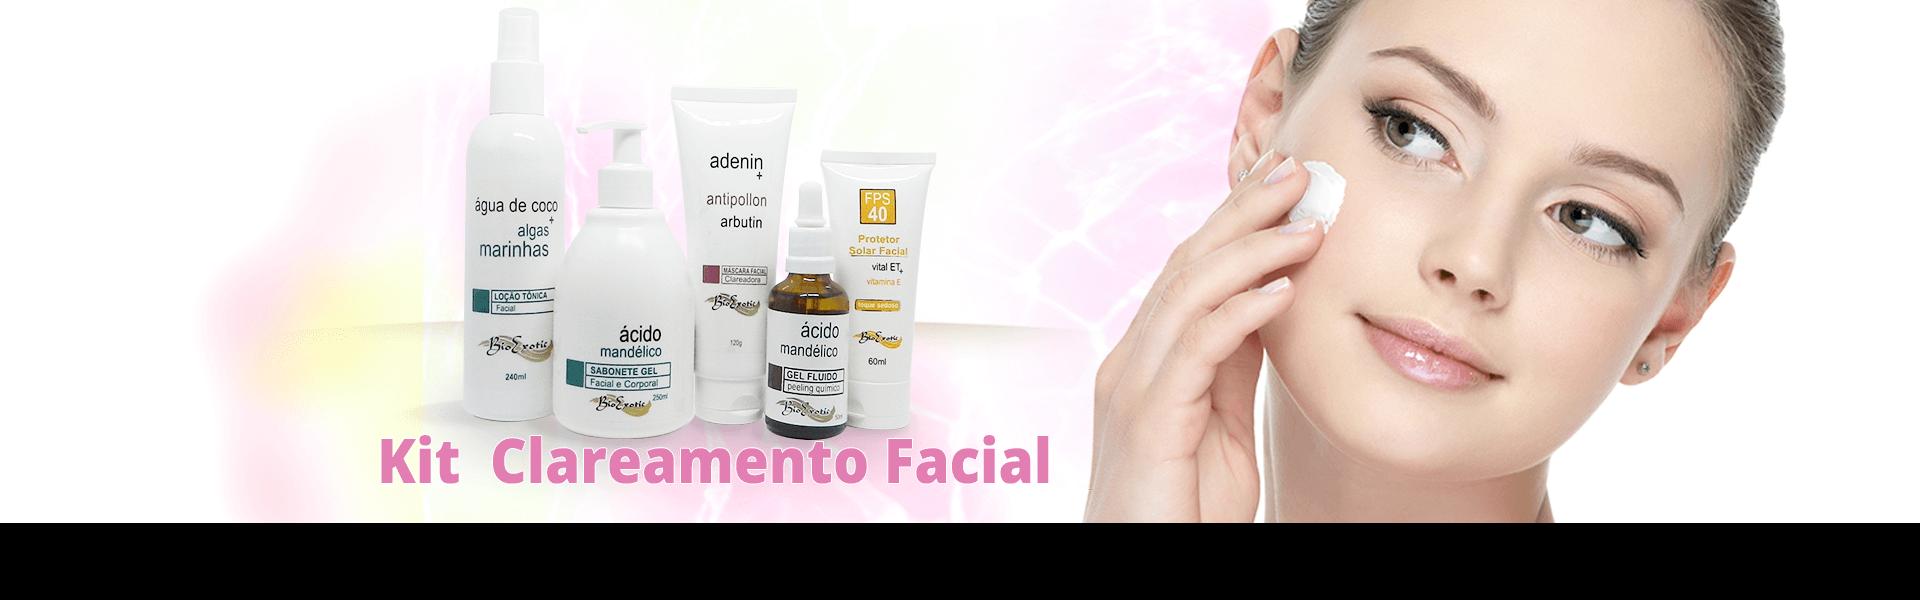 Kit para Clareamento Facial